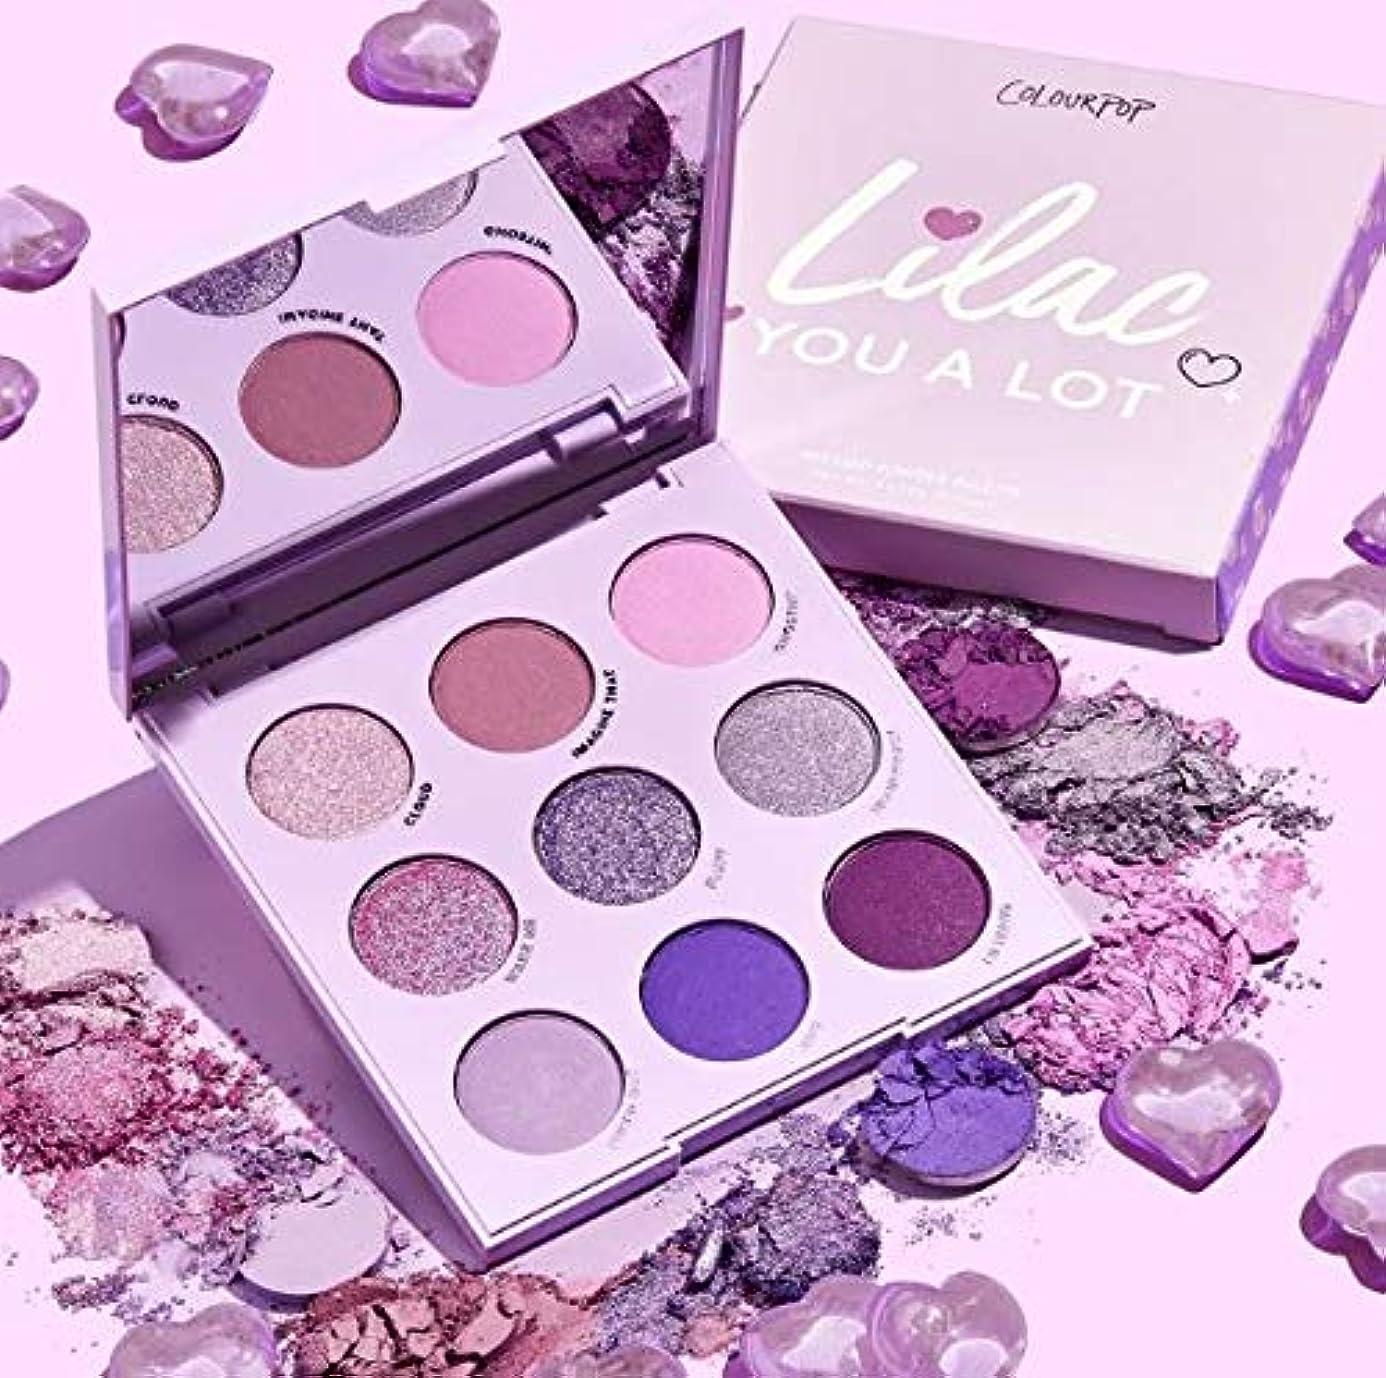 留まる首尾一貫した神経衰弱カラーポップ (ColourPop)lilac you a lot